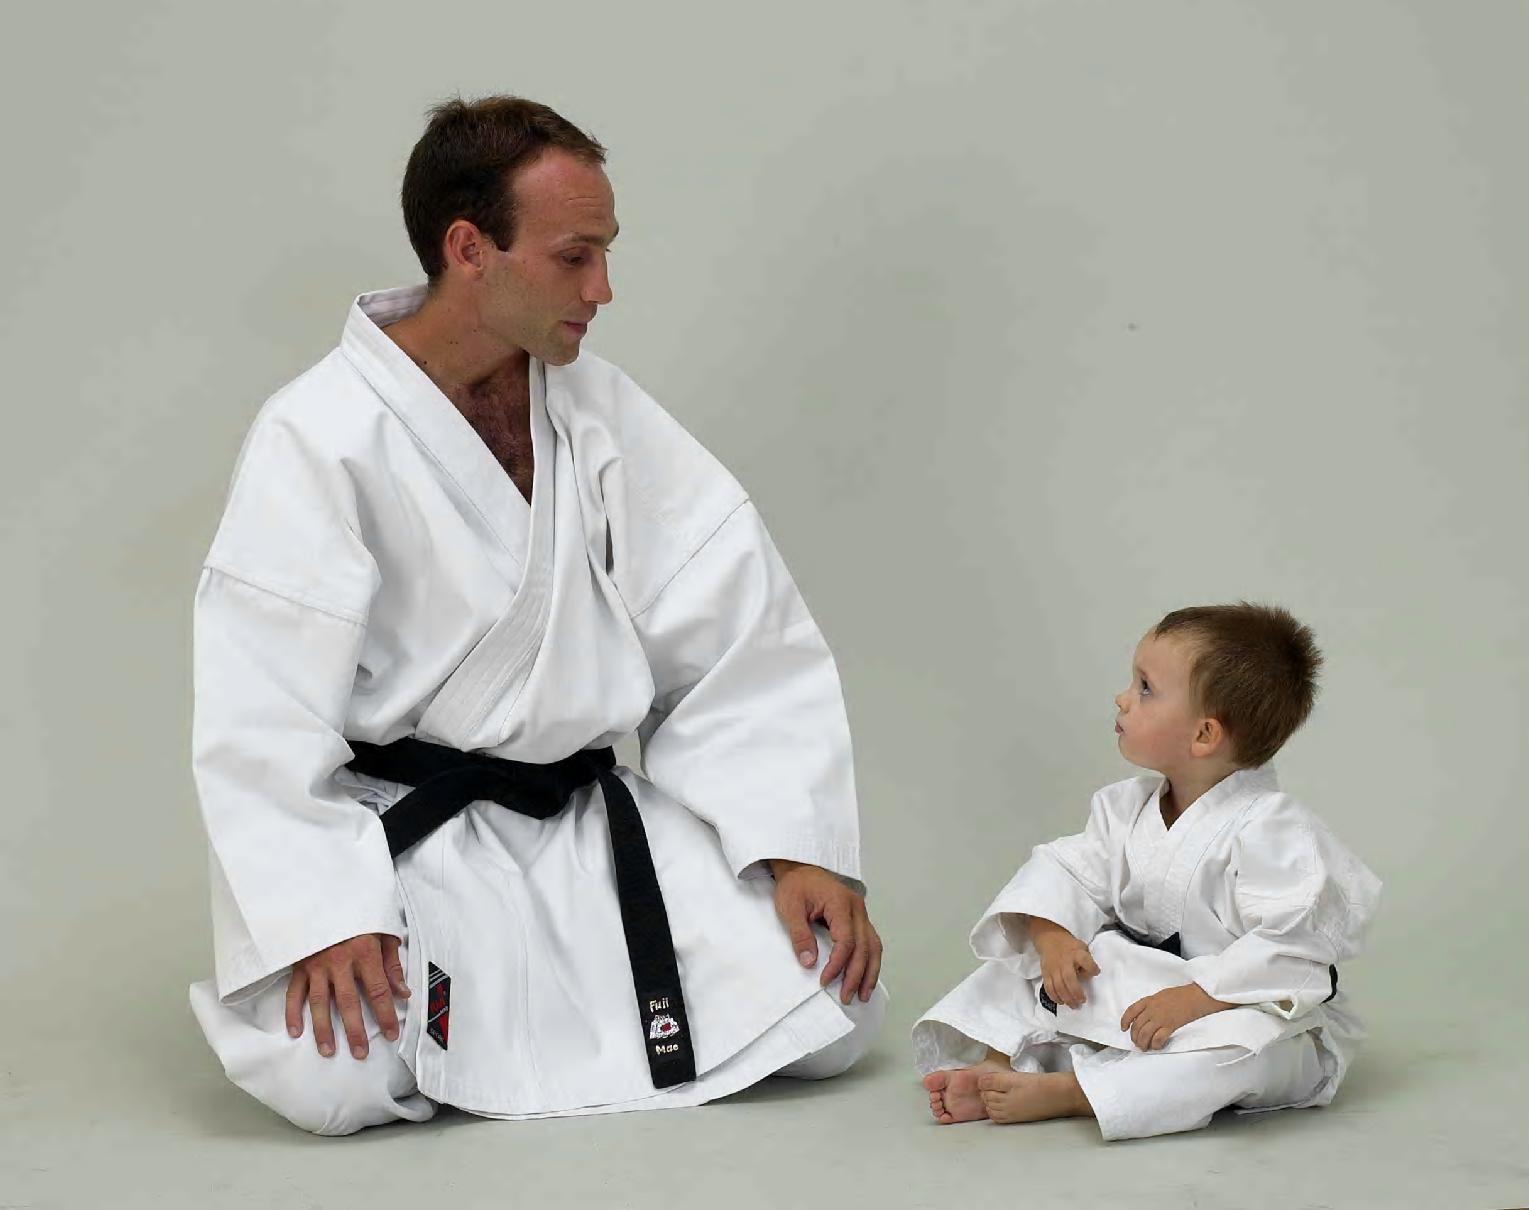 Descubre los múltiples beneficios de las artes marciales en